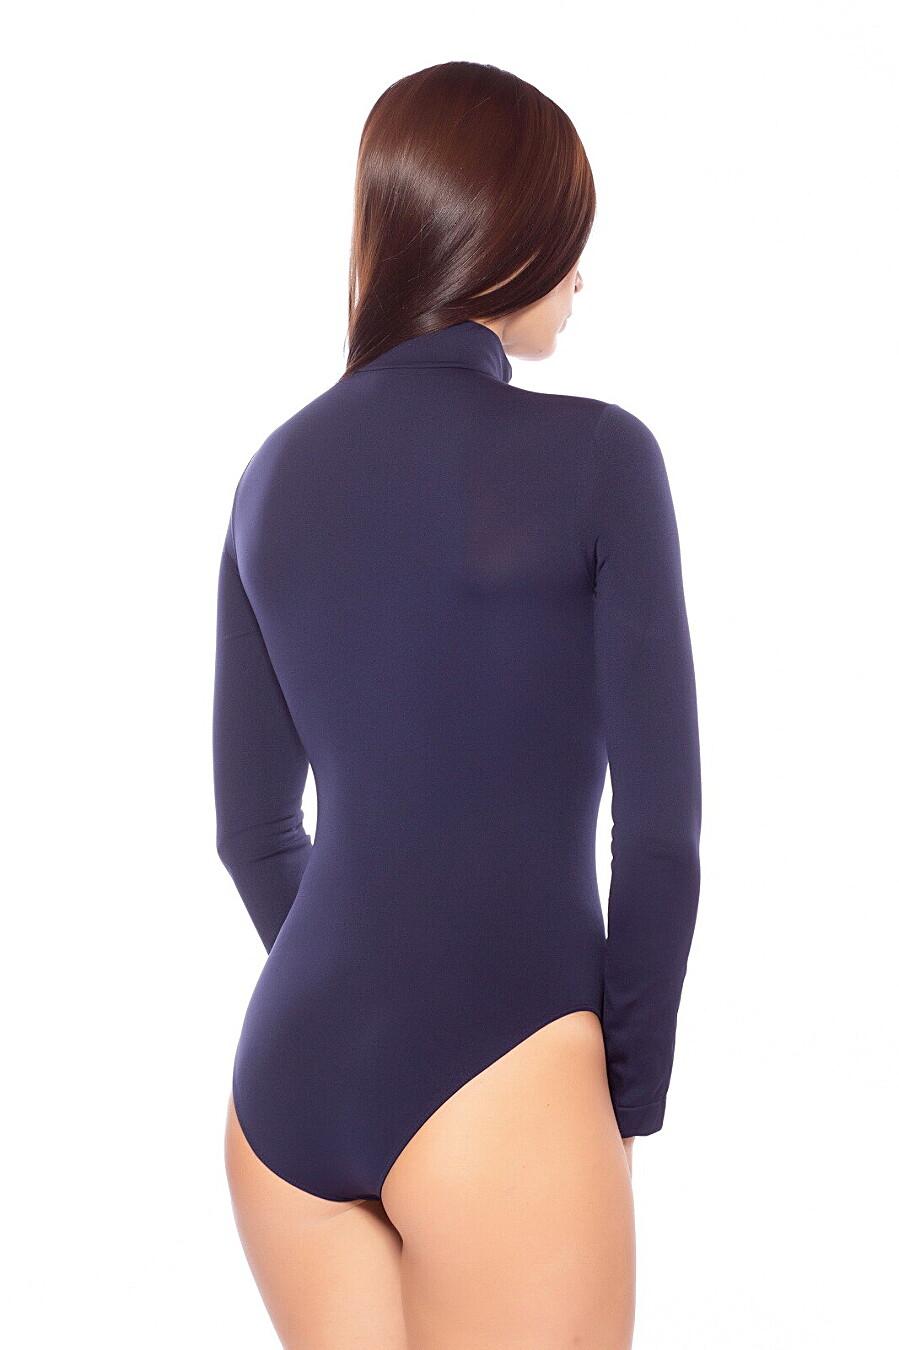 Боди для женщин GIULIA 148366 купить оптом от производителя. Совместная покупка женской одежды в OptMoyo